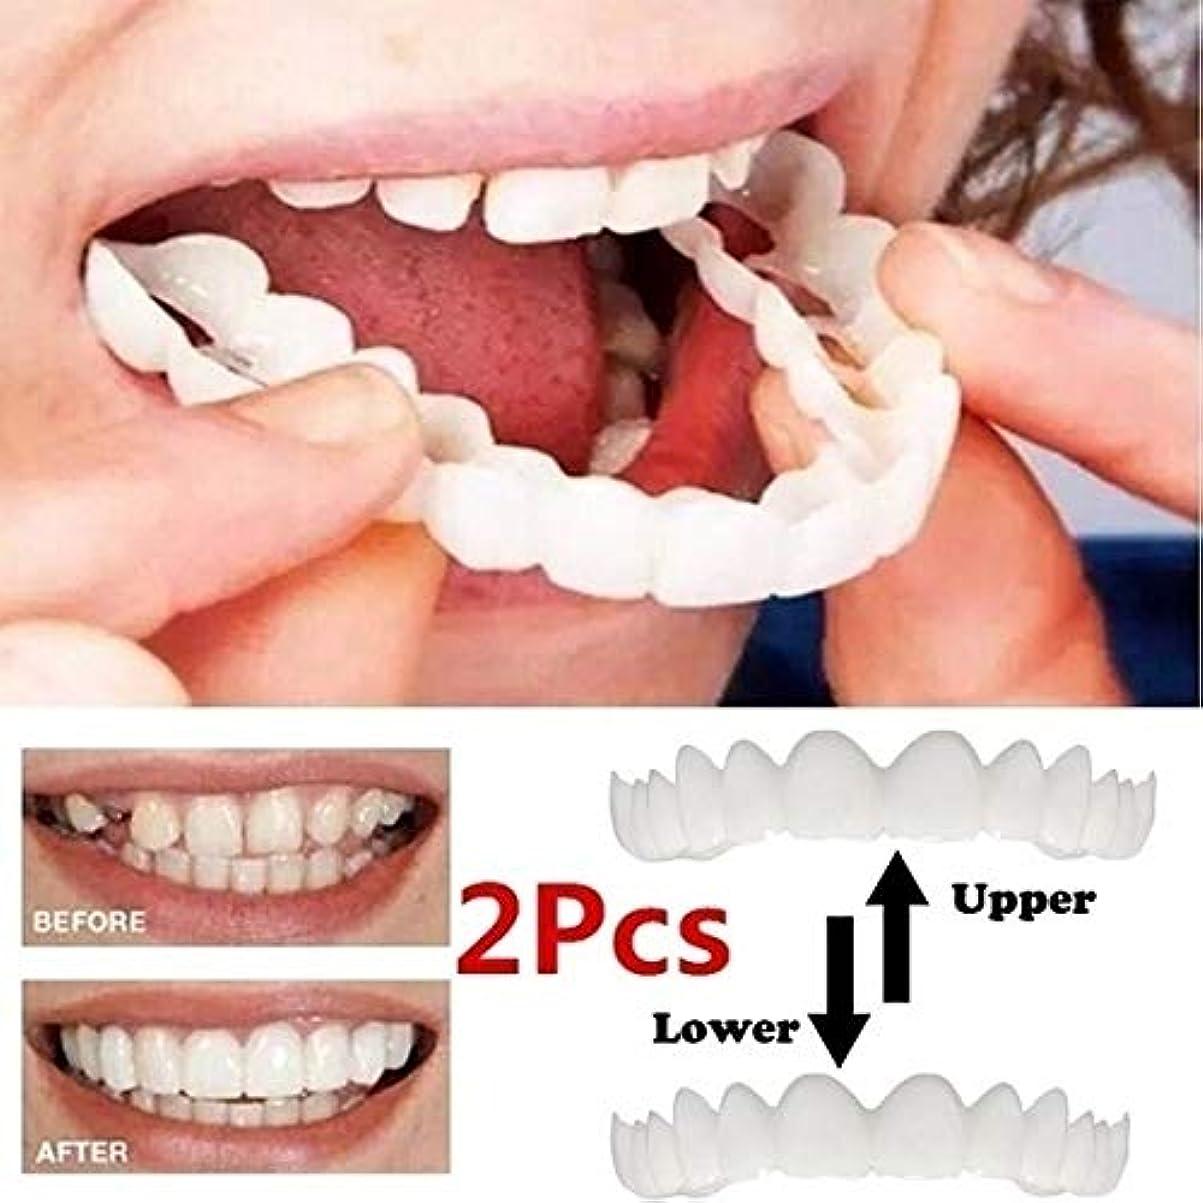 一時的な笑顔の快適さフィット化粧品の歯義歯のベニヤ歯の快適さフィットフレックス化粧品の歯の上の歯のベニヤと下のベニヤ - 歯のベニヤ